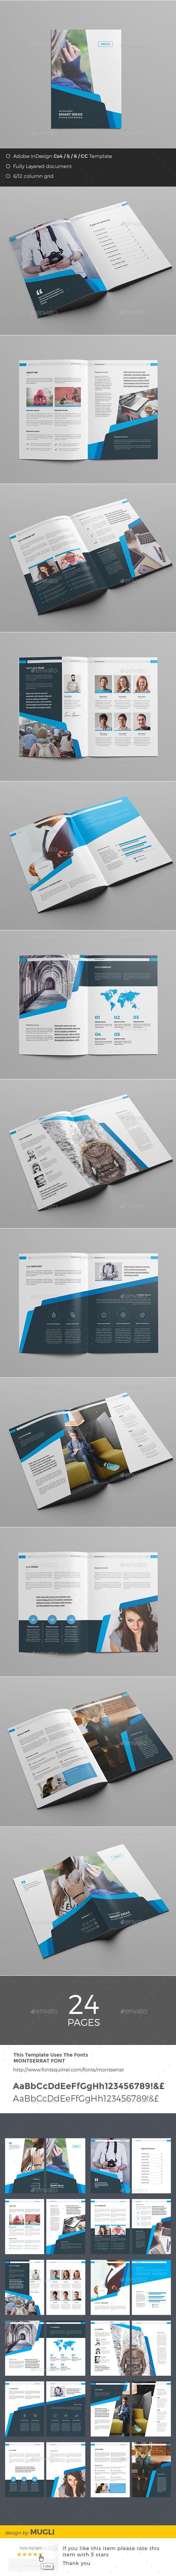 Business Brochure | Creativo, Diseño y Propuestas